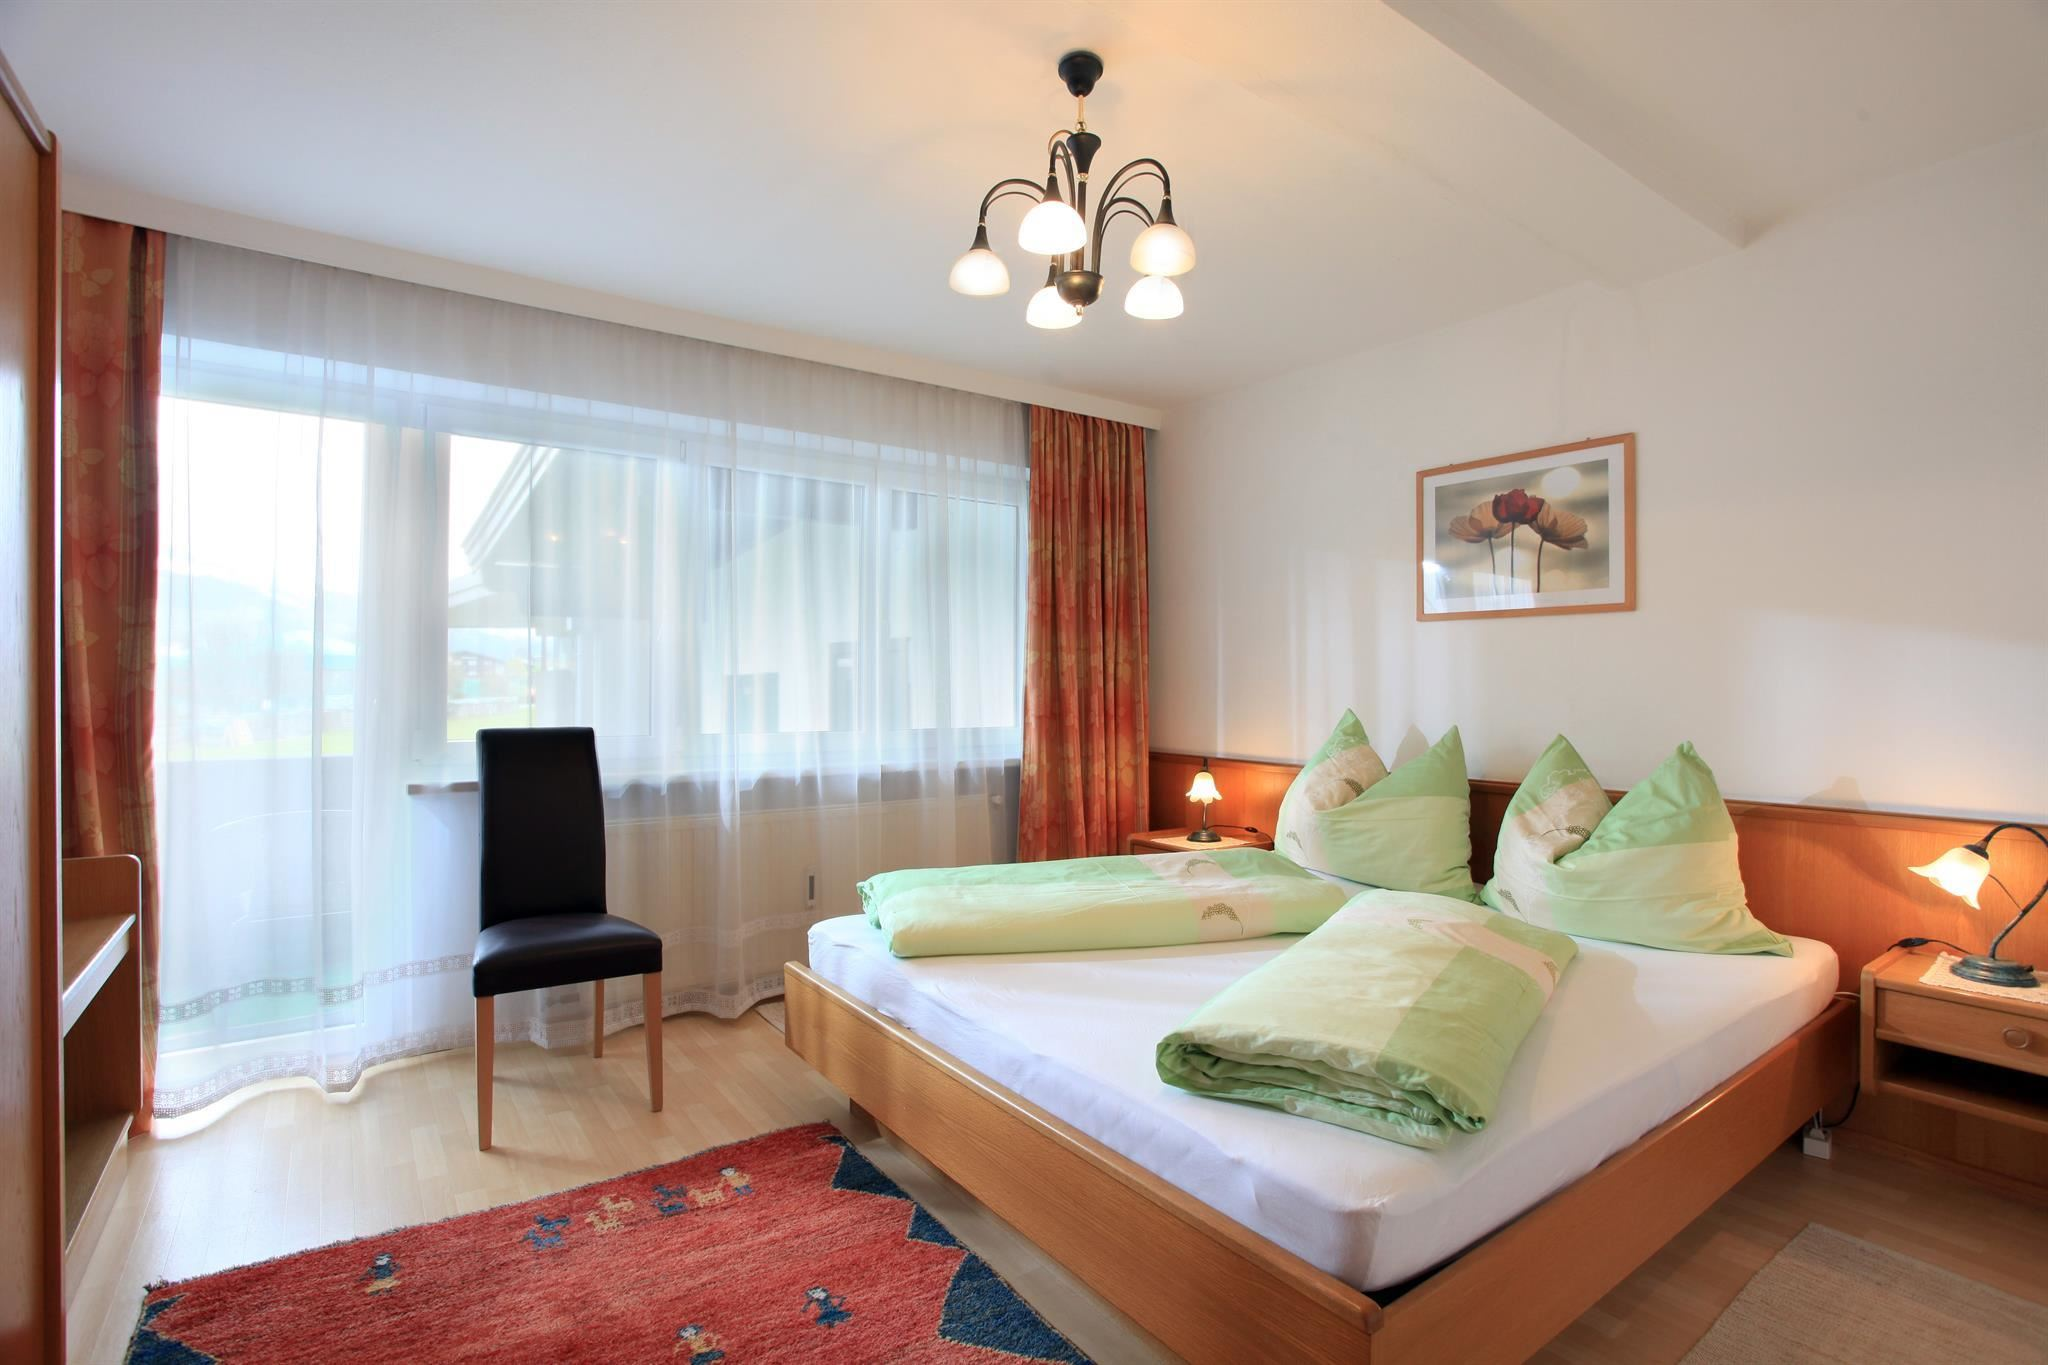 Haus Vera Westendorf - Schlafzimmer vera